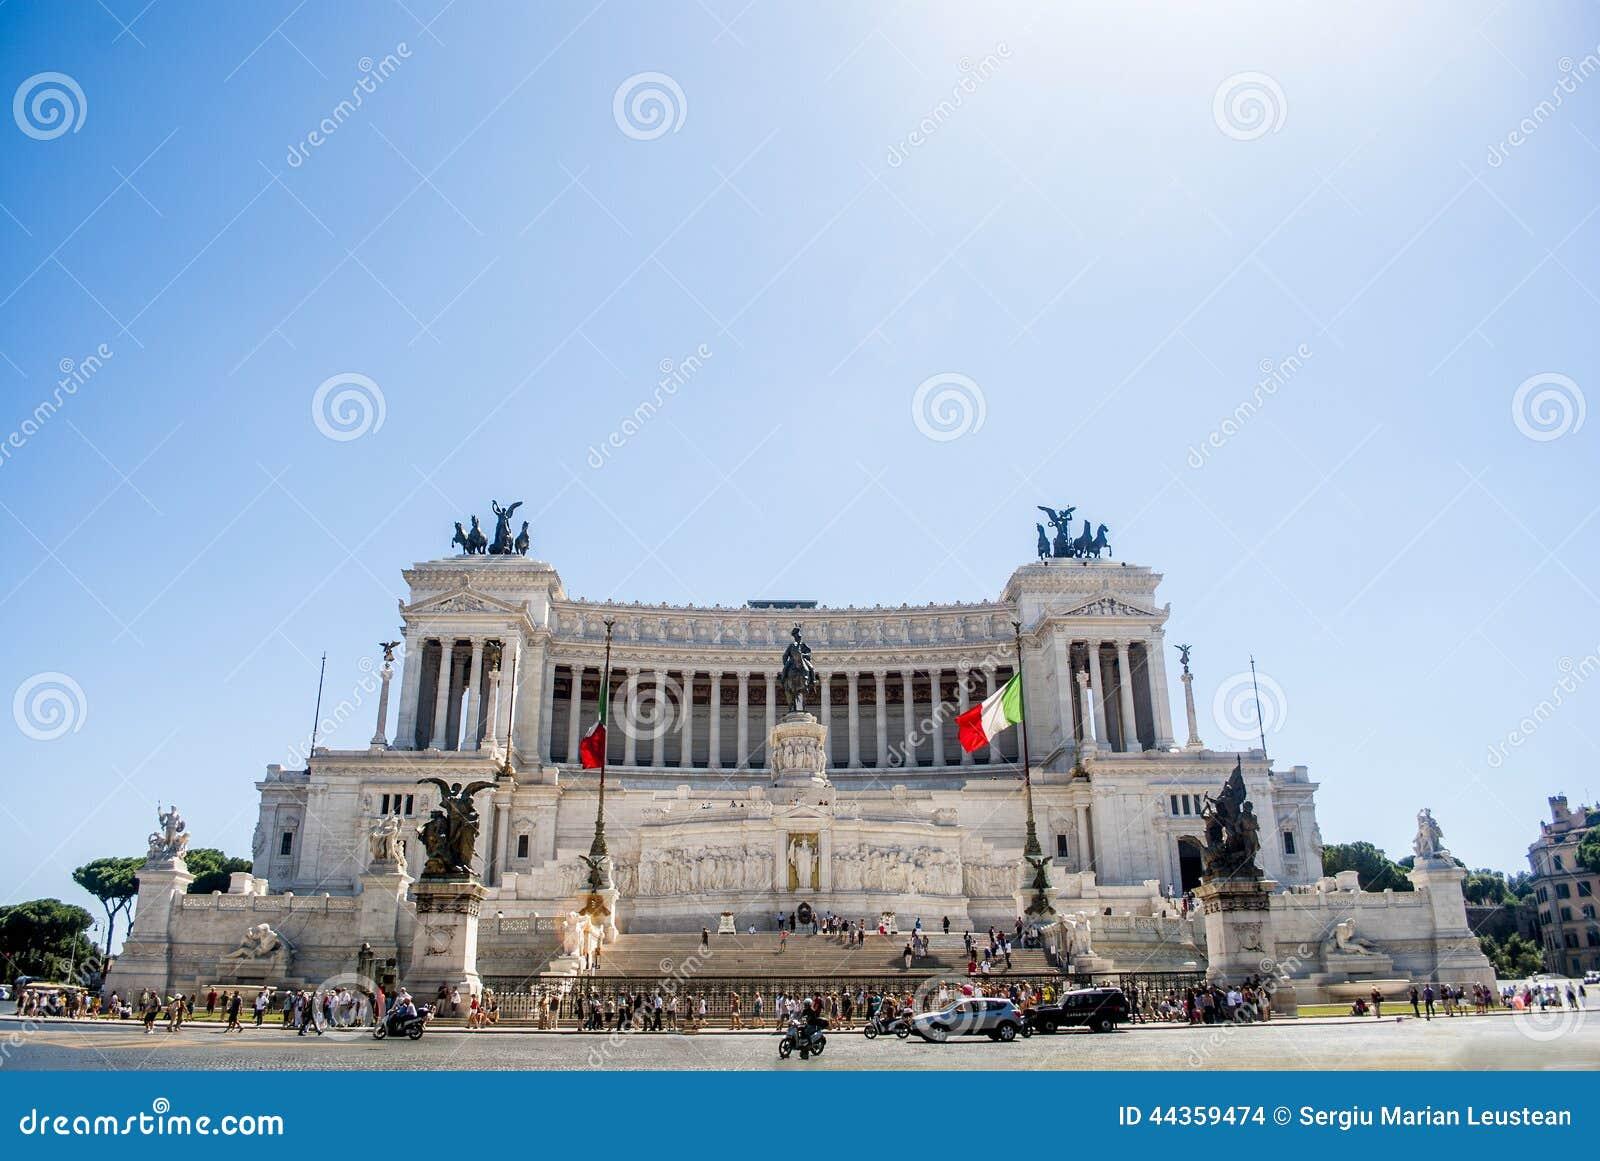 Punto di vista del cittadino, monumento Vittorio Emanuele II sulla piazza Venezia